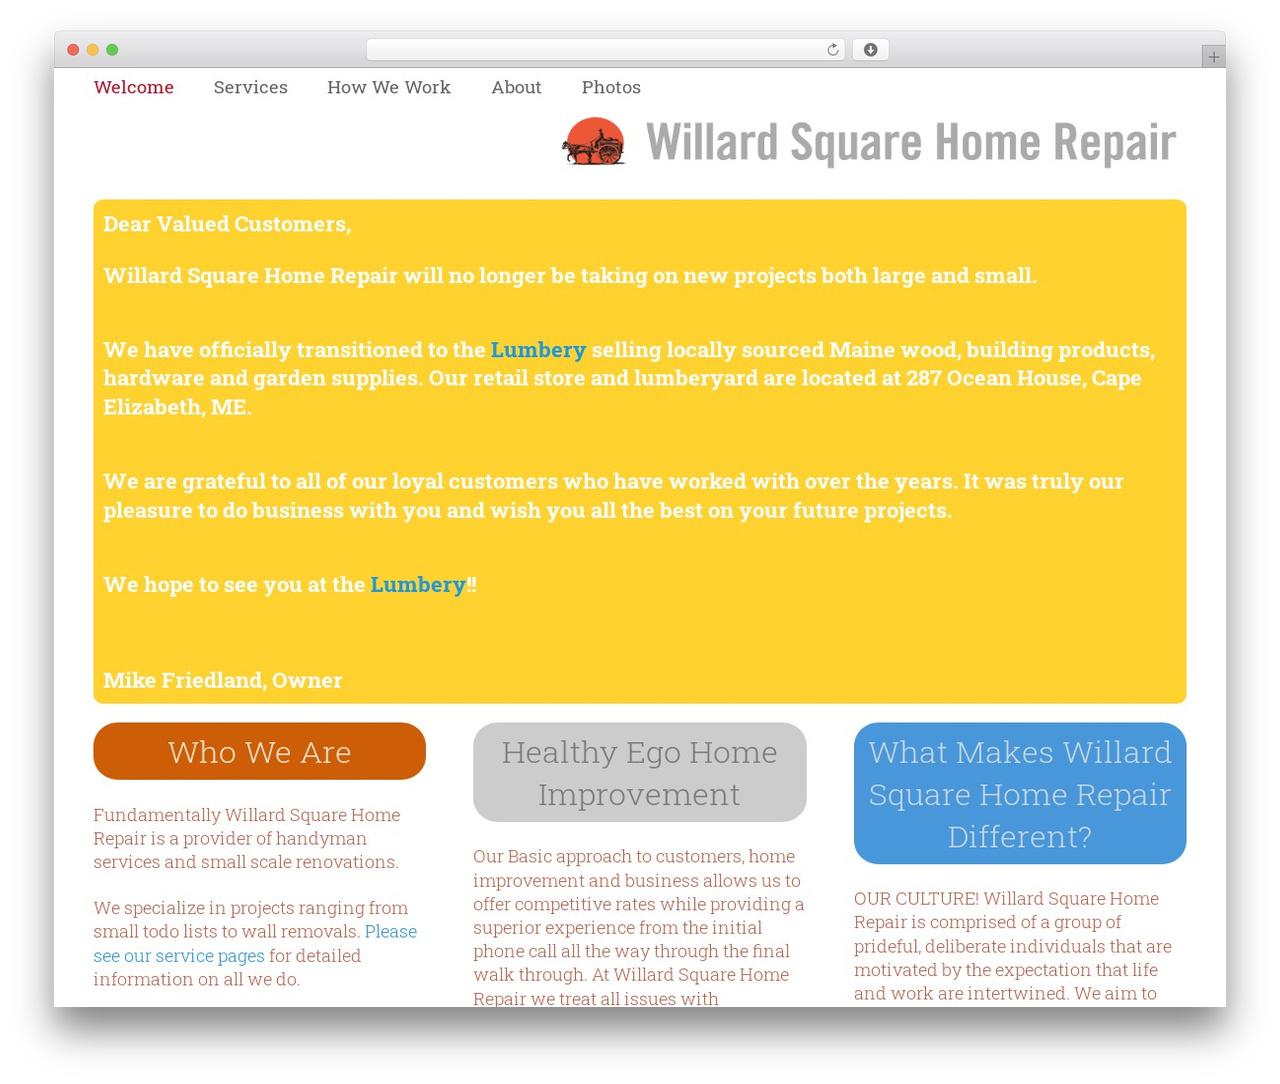 Best WordPress Template Impreza Willardsquarehomerepair Last Updated Aug 2018 Willard Square Home Repair